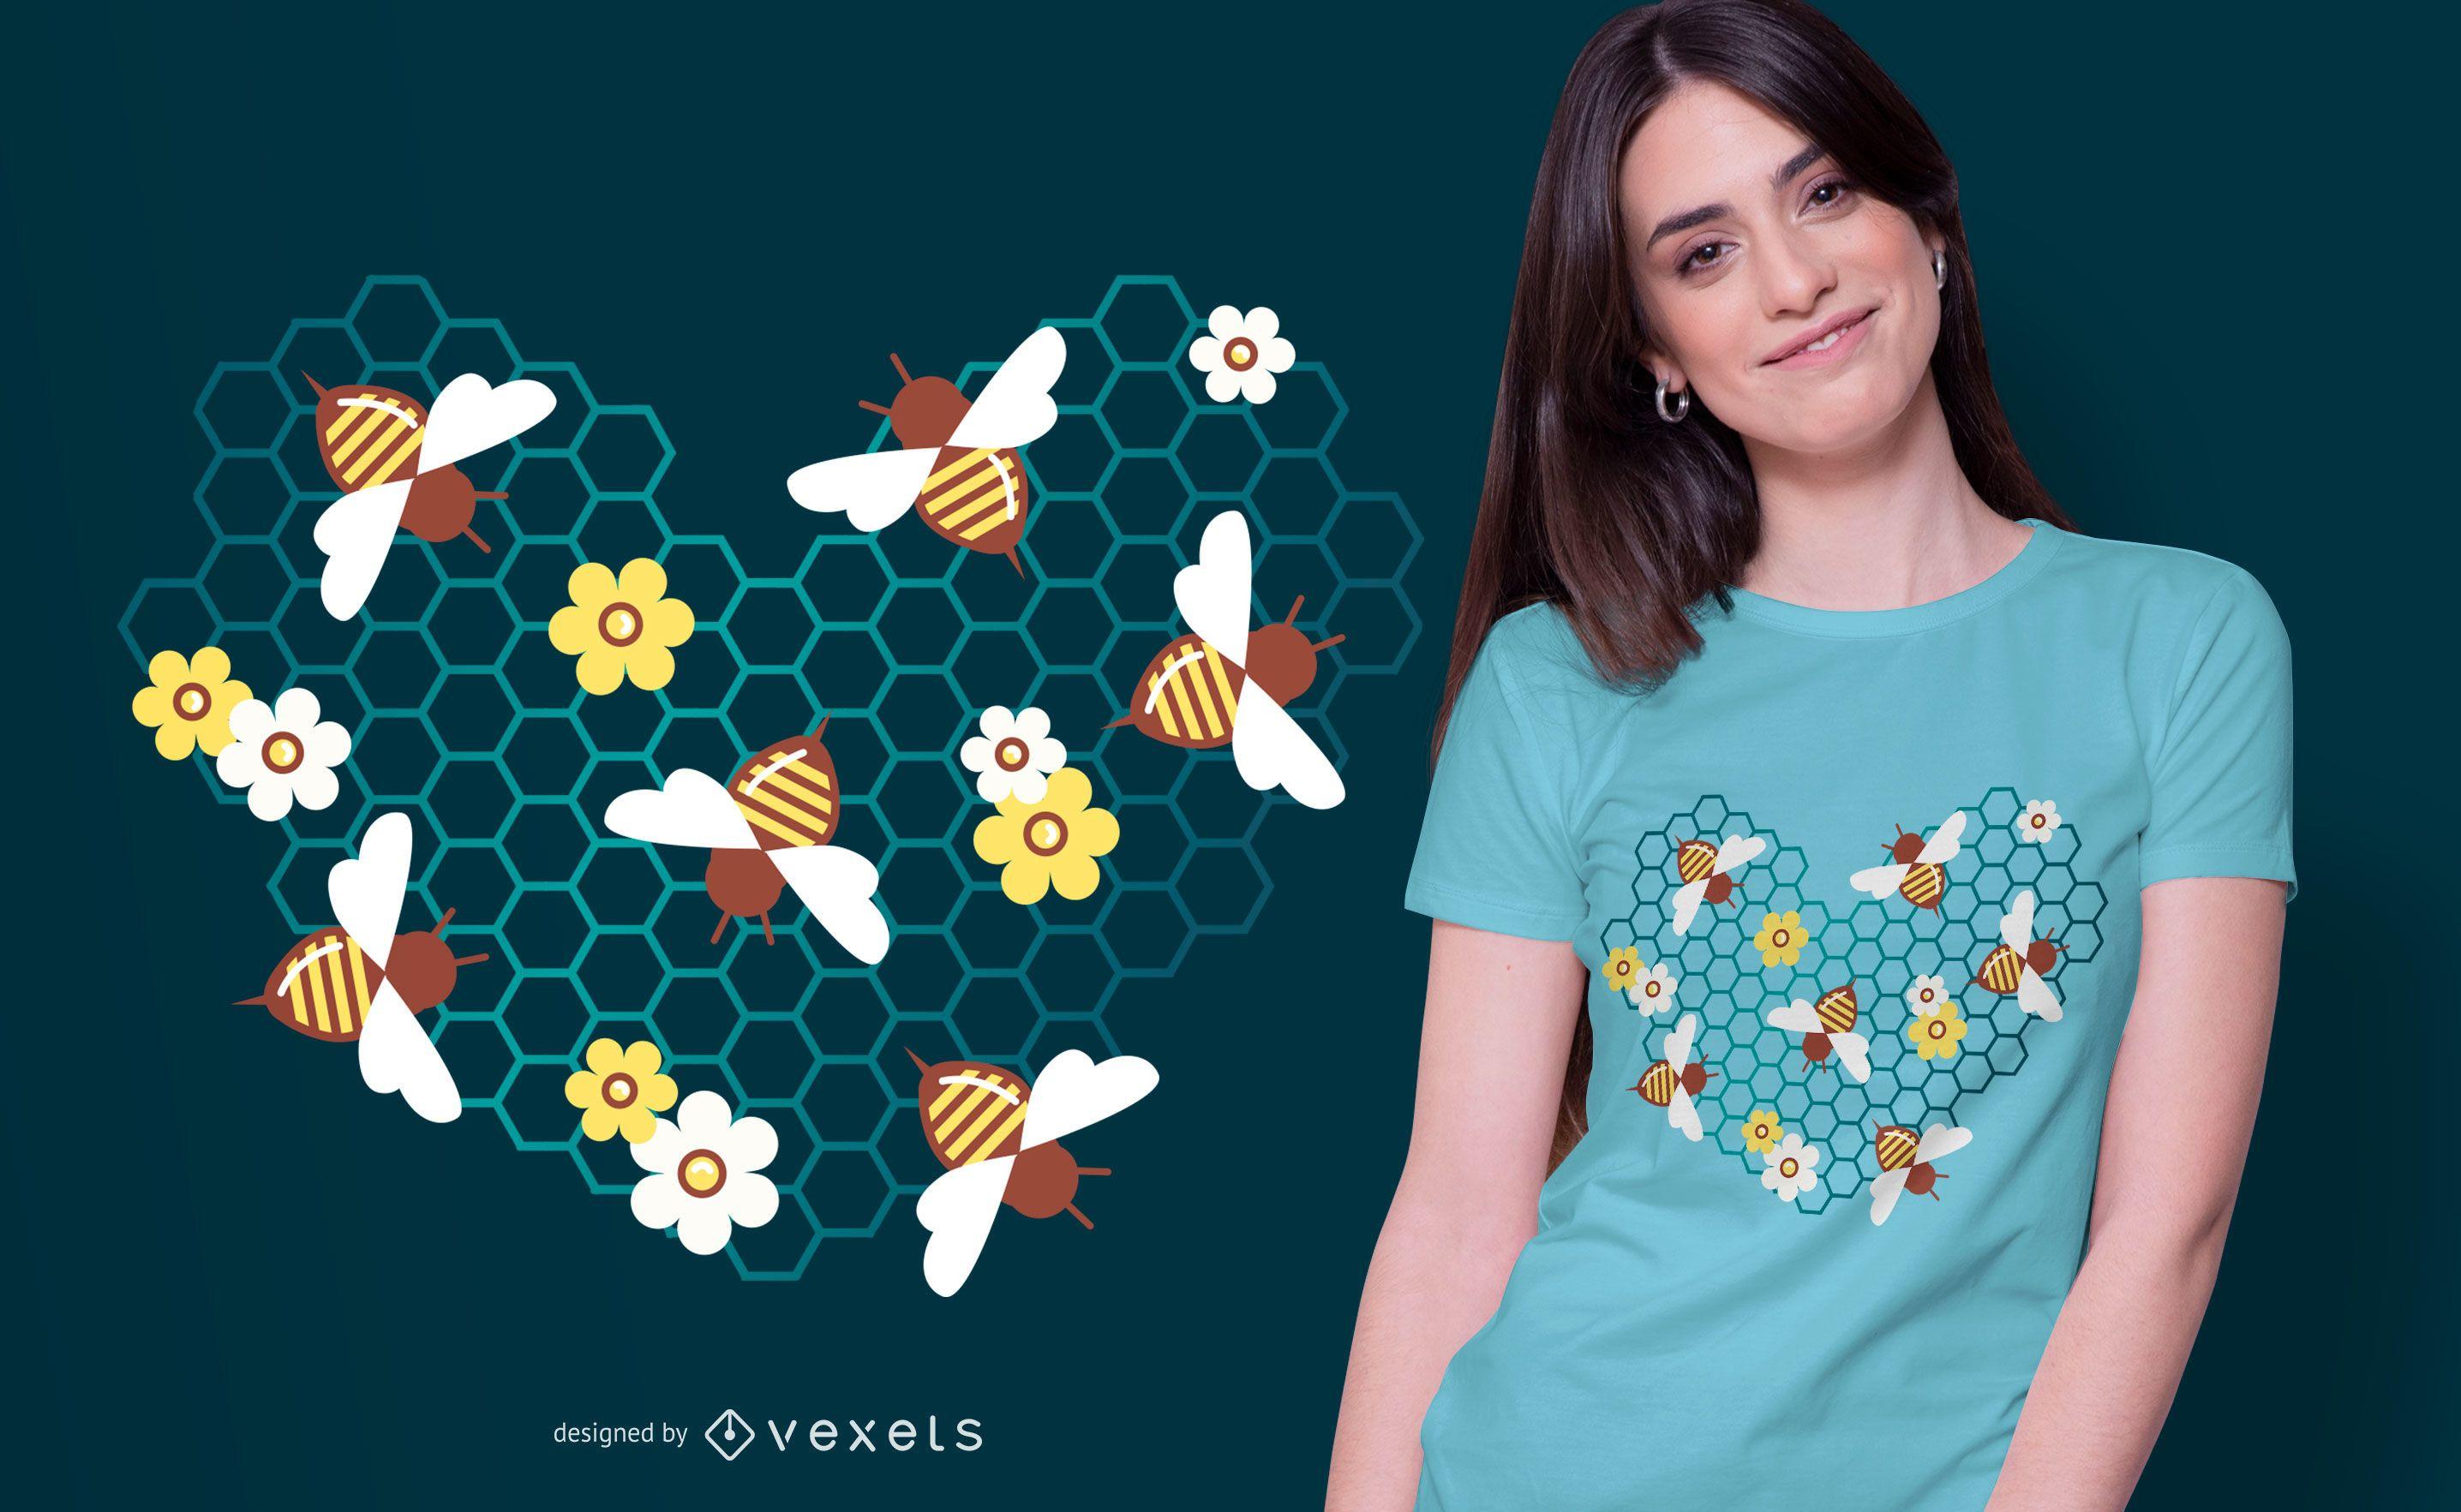 Bee heart t-shirt design